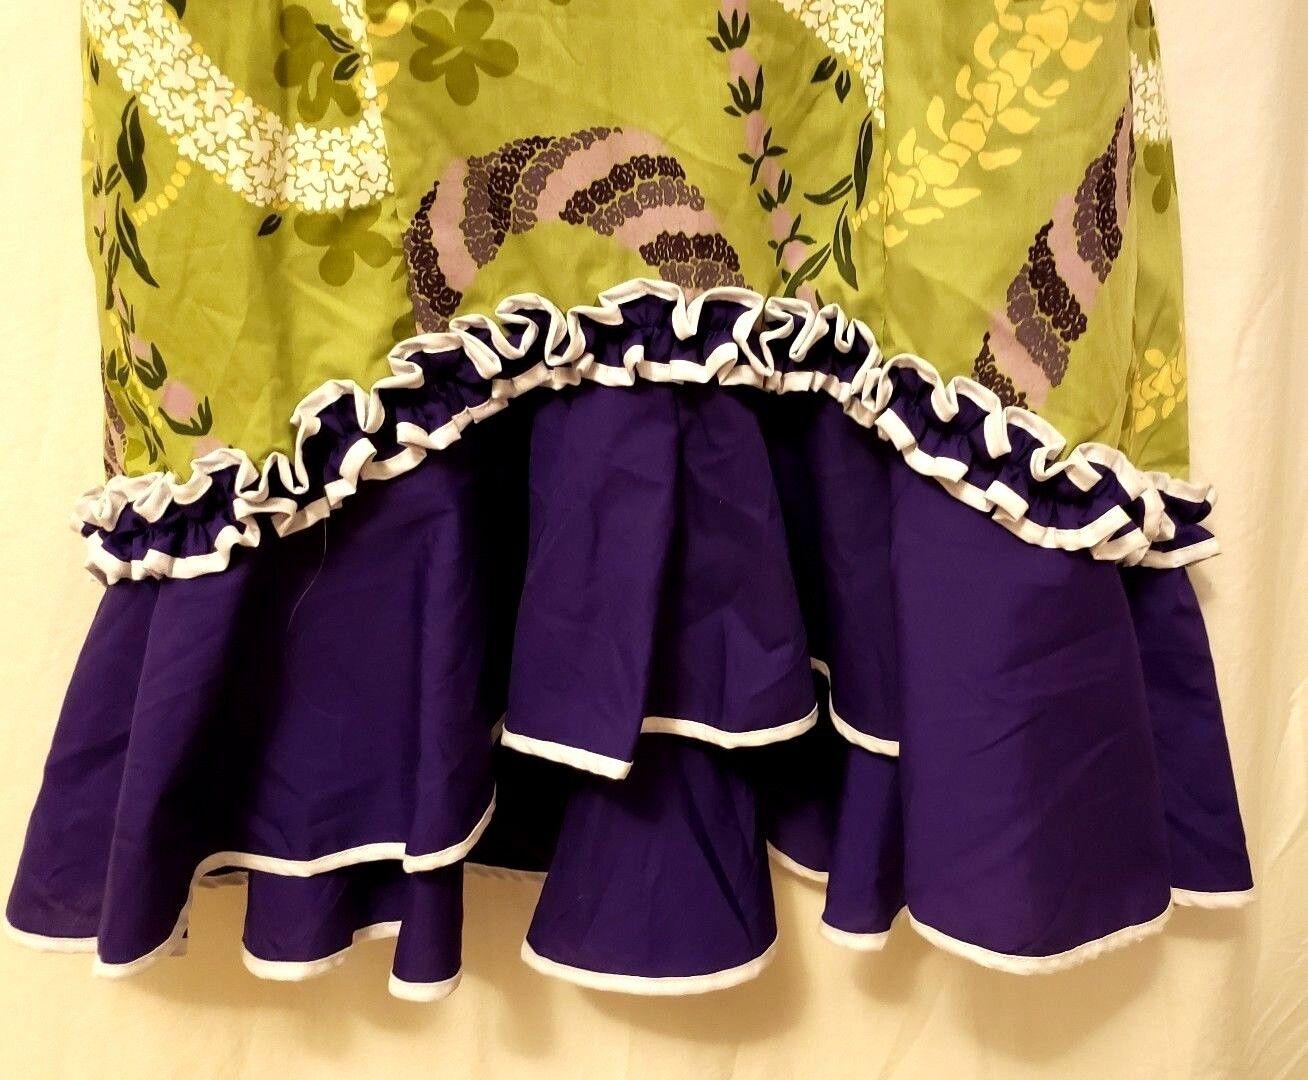 Amy Lee damen Hawaiian Wiggle Dress Aloha Hawaii S 6-8 Spaghetti Straps Train